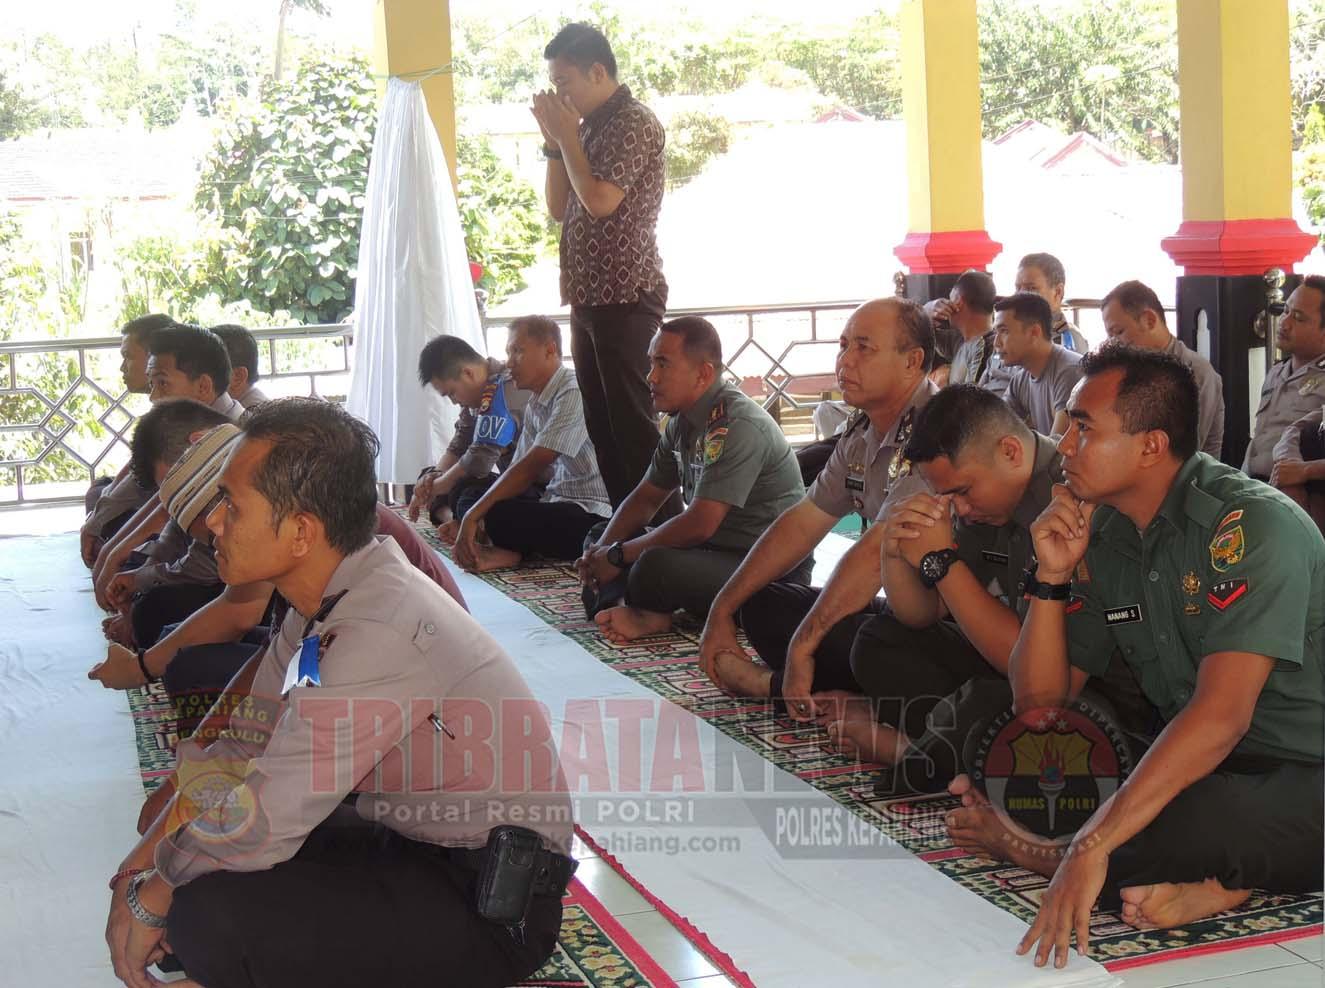 Dandim 0409/RL Sholat Jum'at di Masjid Al Izzah Polres Kepahiang